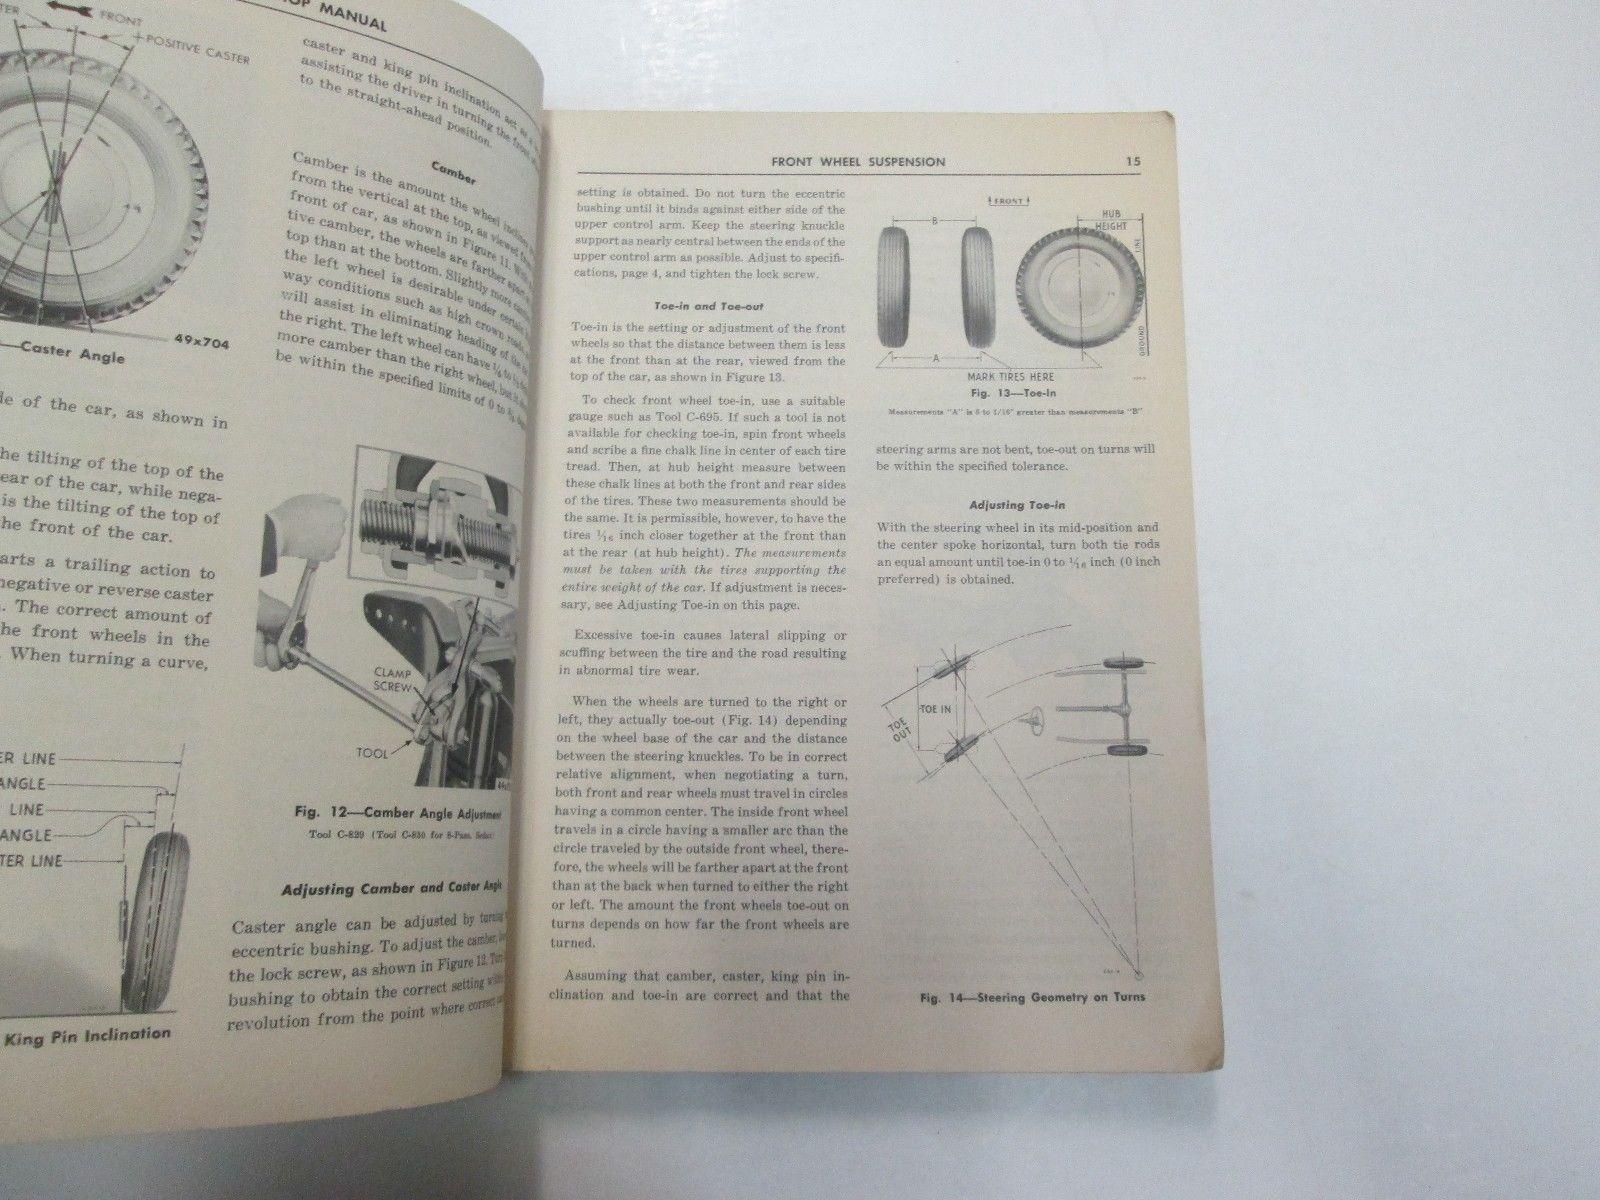 1950 Chrysler DeSoto Models S11 S13 S14 Shop Manual WEAR DAMAGED FACTORY OEM 50